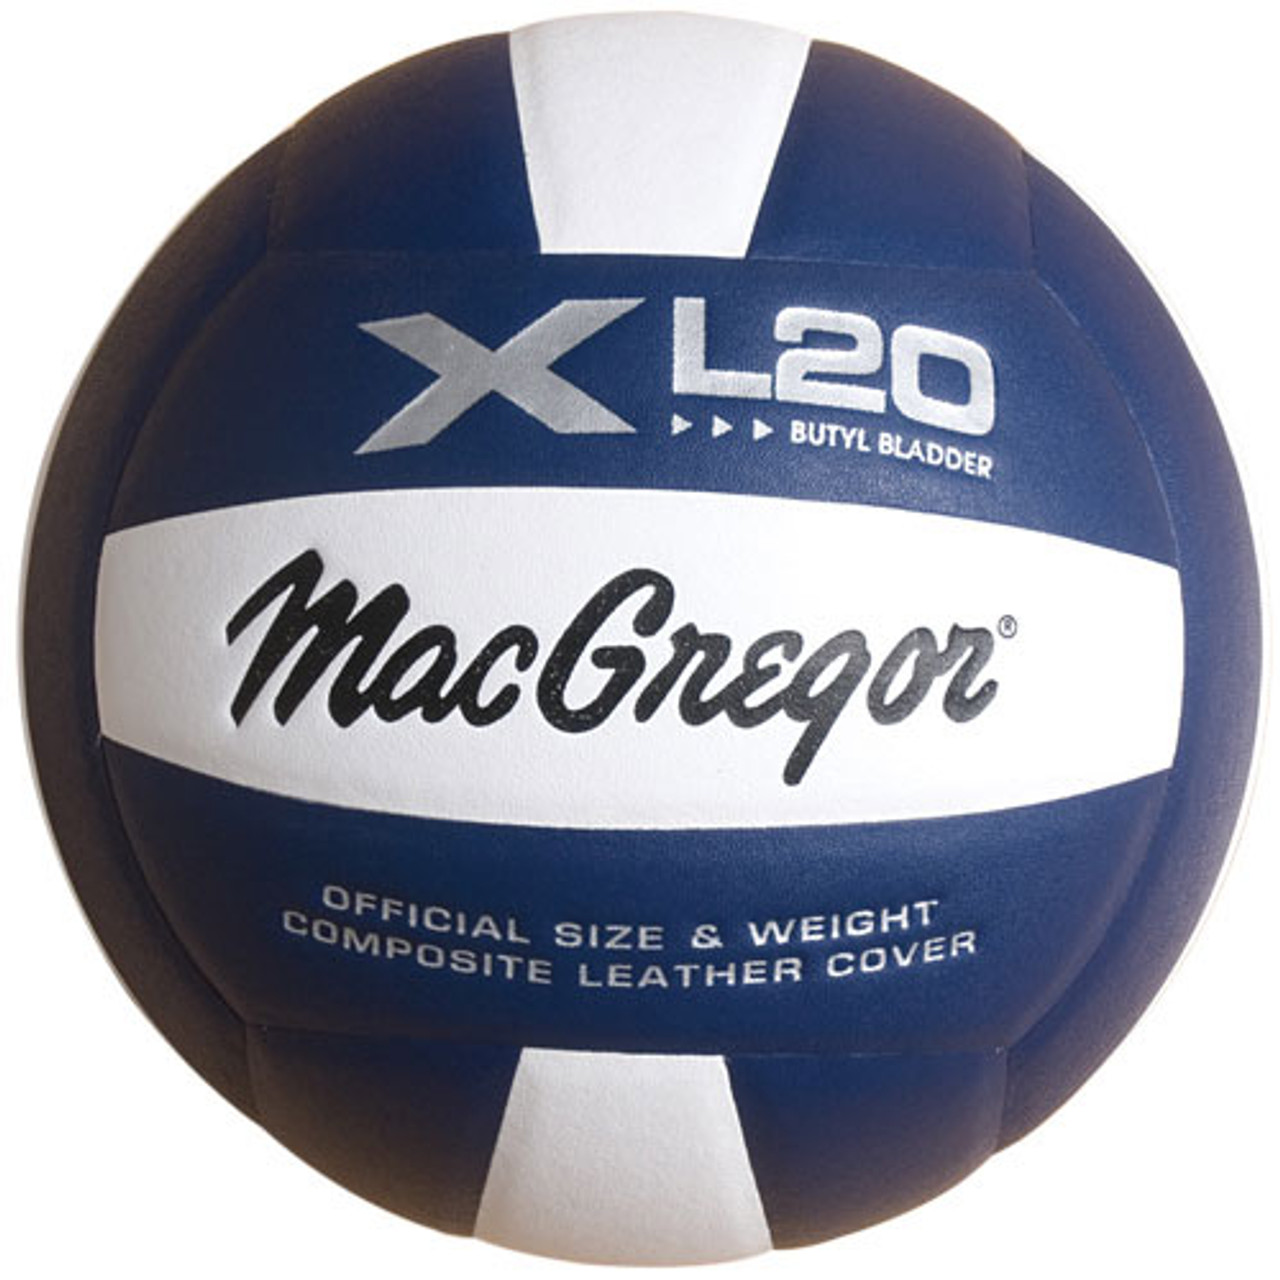 MacGregor XL20 Composite Indoor Volleyball